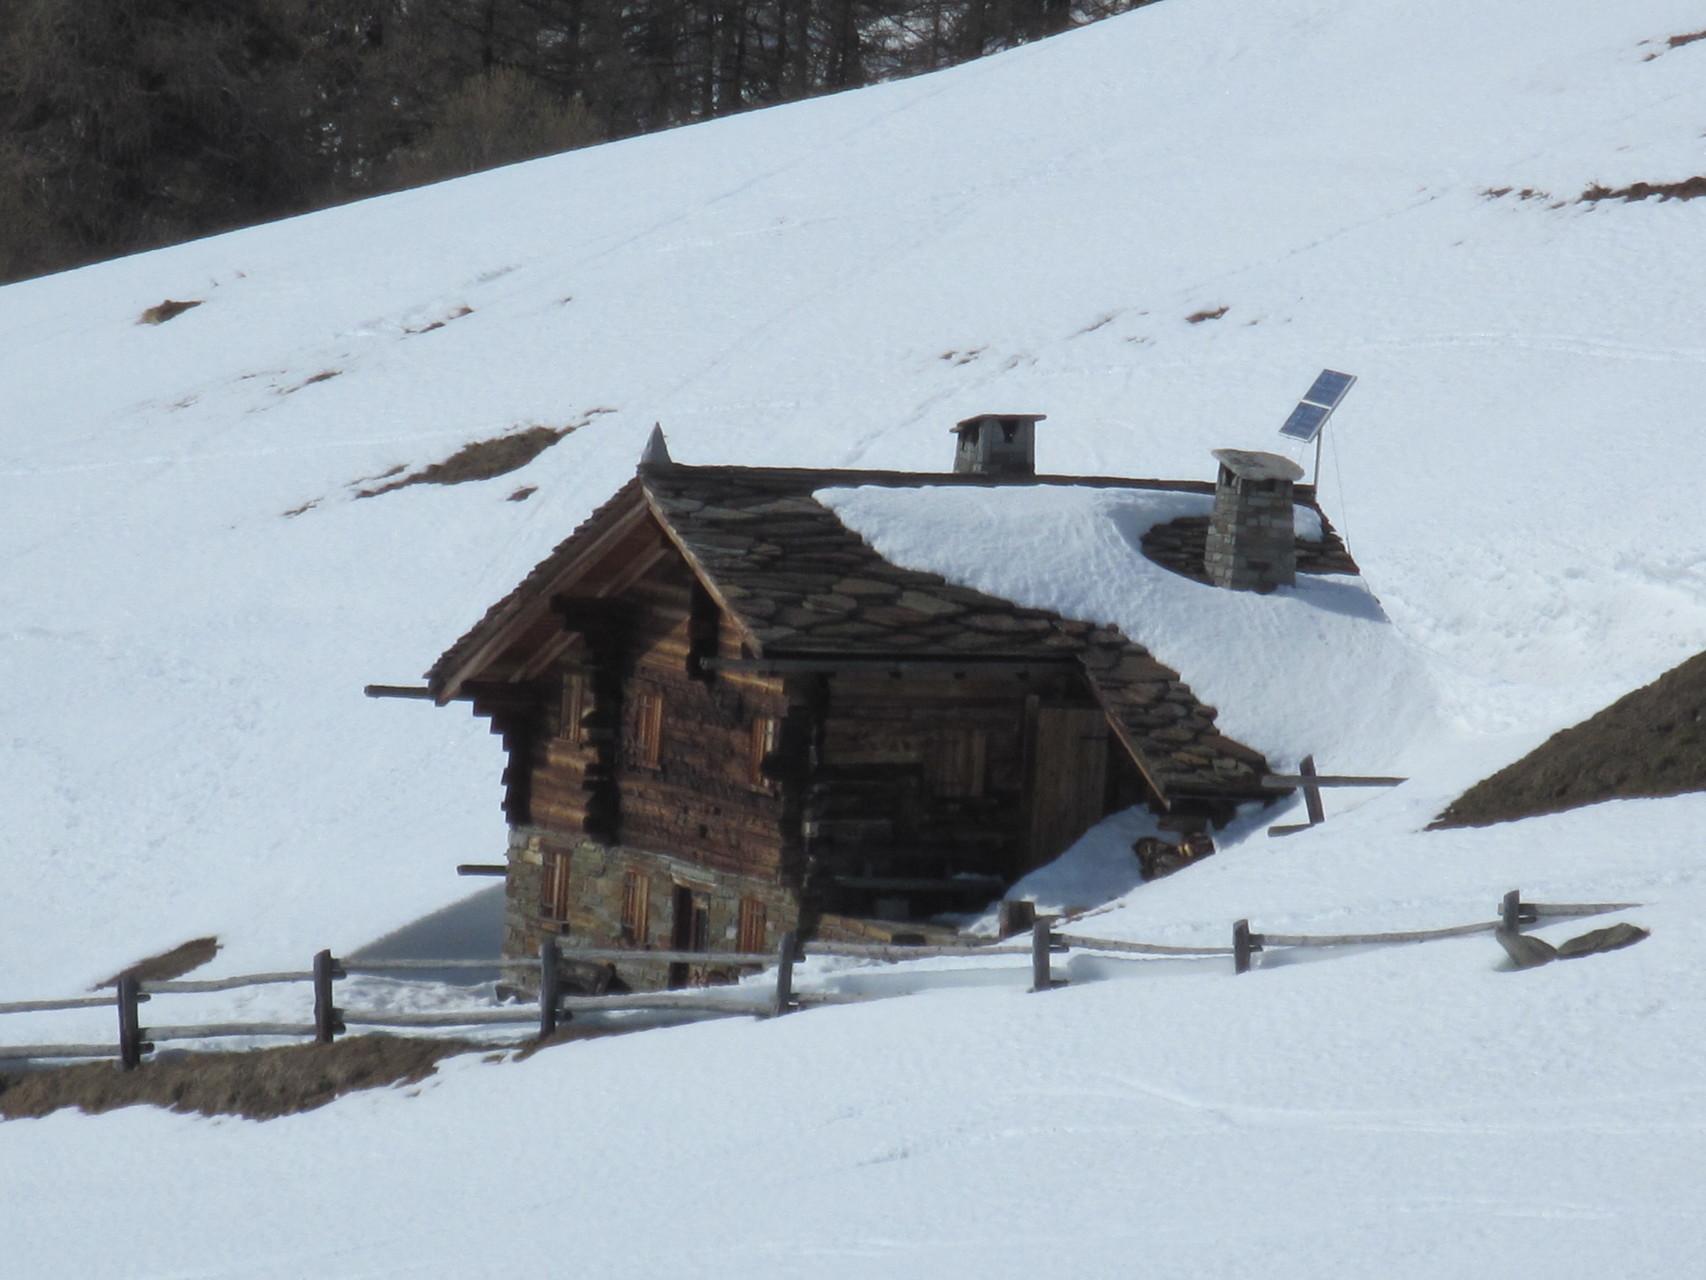 noch ziemlich eingeschneite Hütte